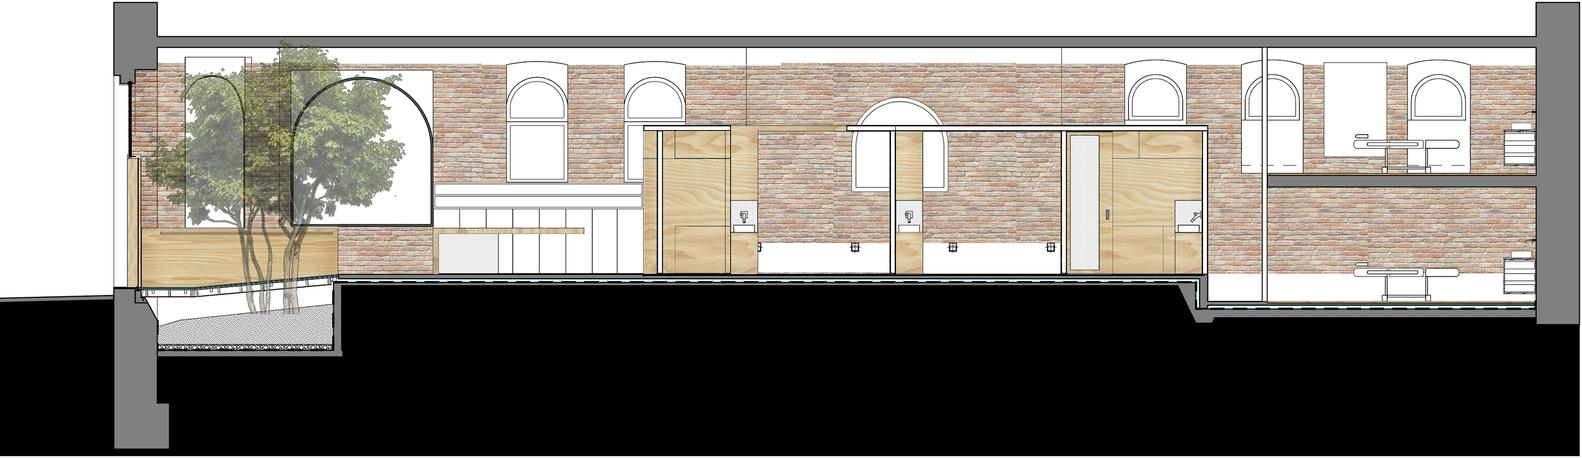 План-чертёж здания салона красоты - Фото 4